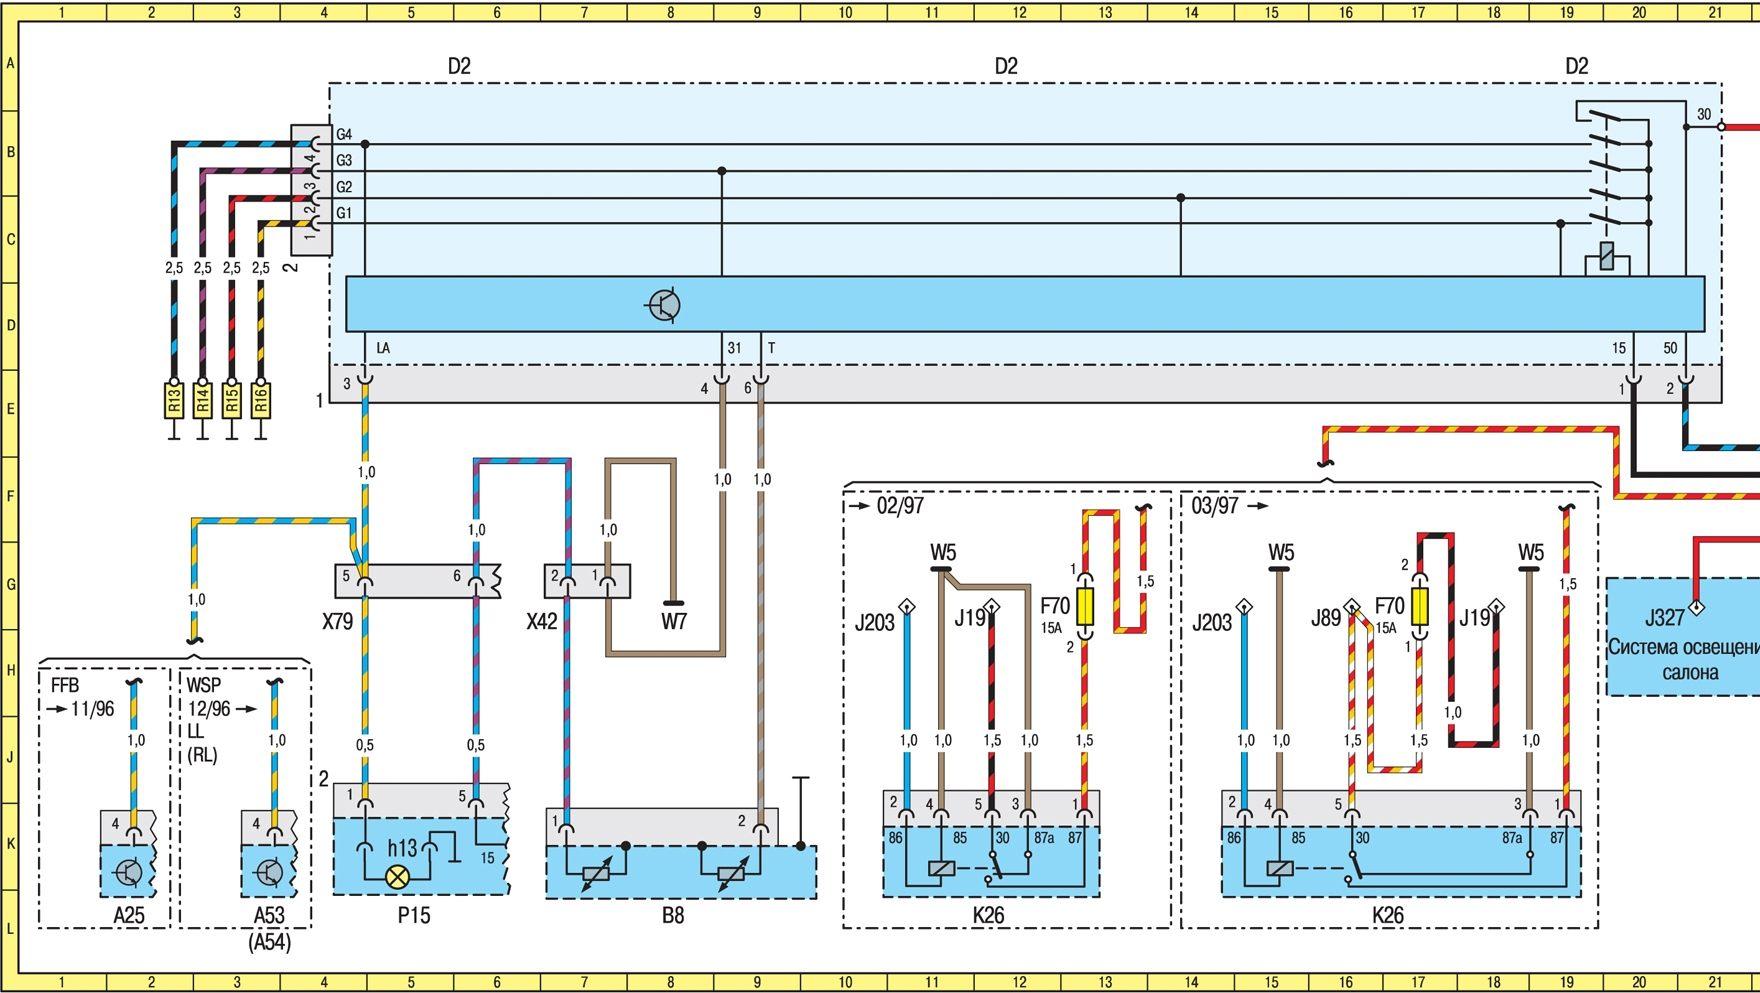 Схема блока абс на маз 53366 и разработка на Принципиальная электрическая схема маз схемы маршрутов городского...